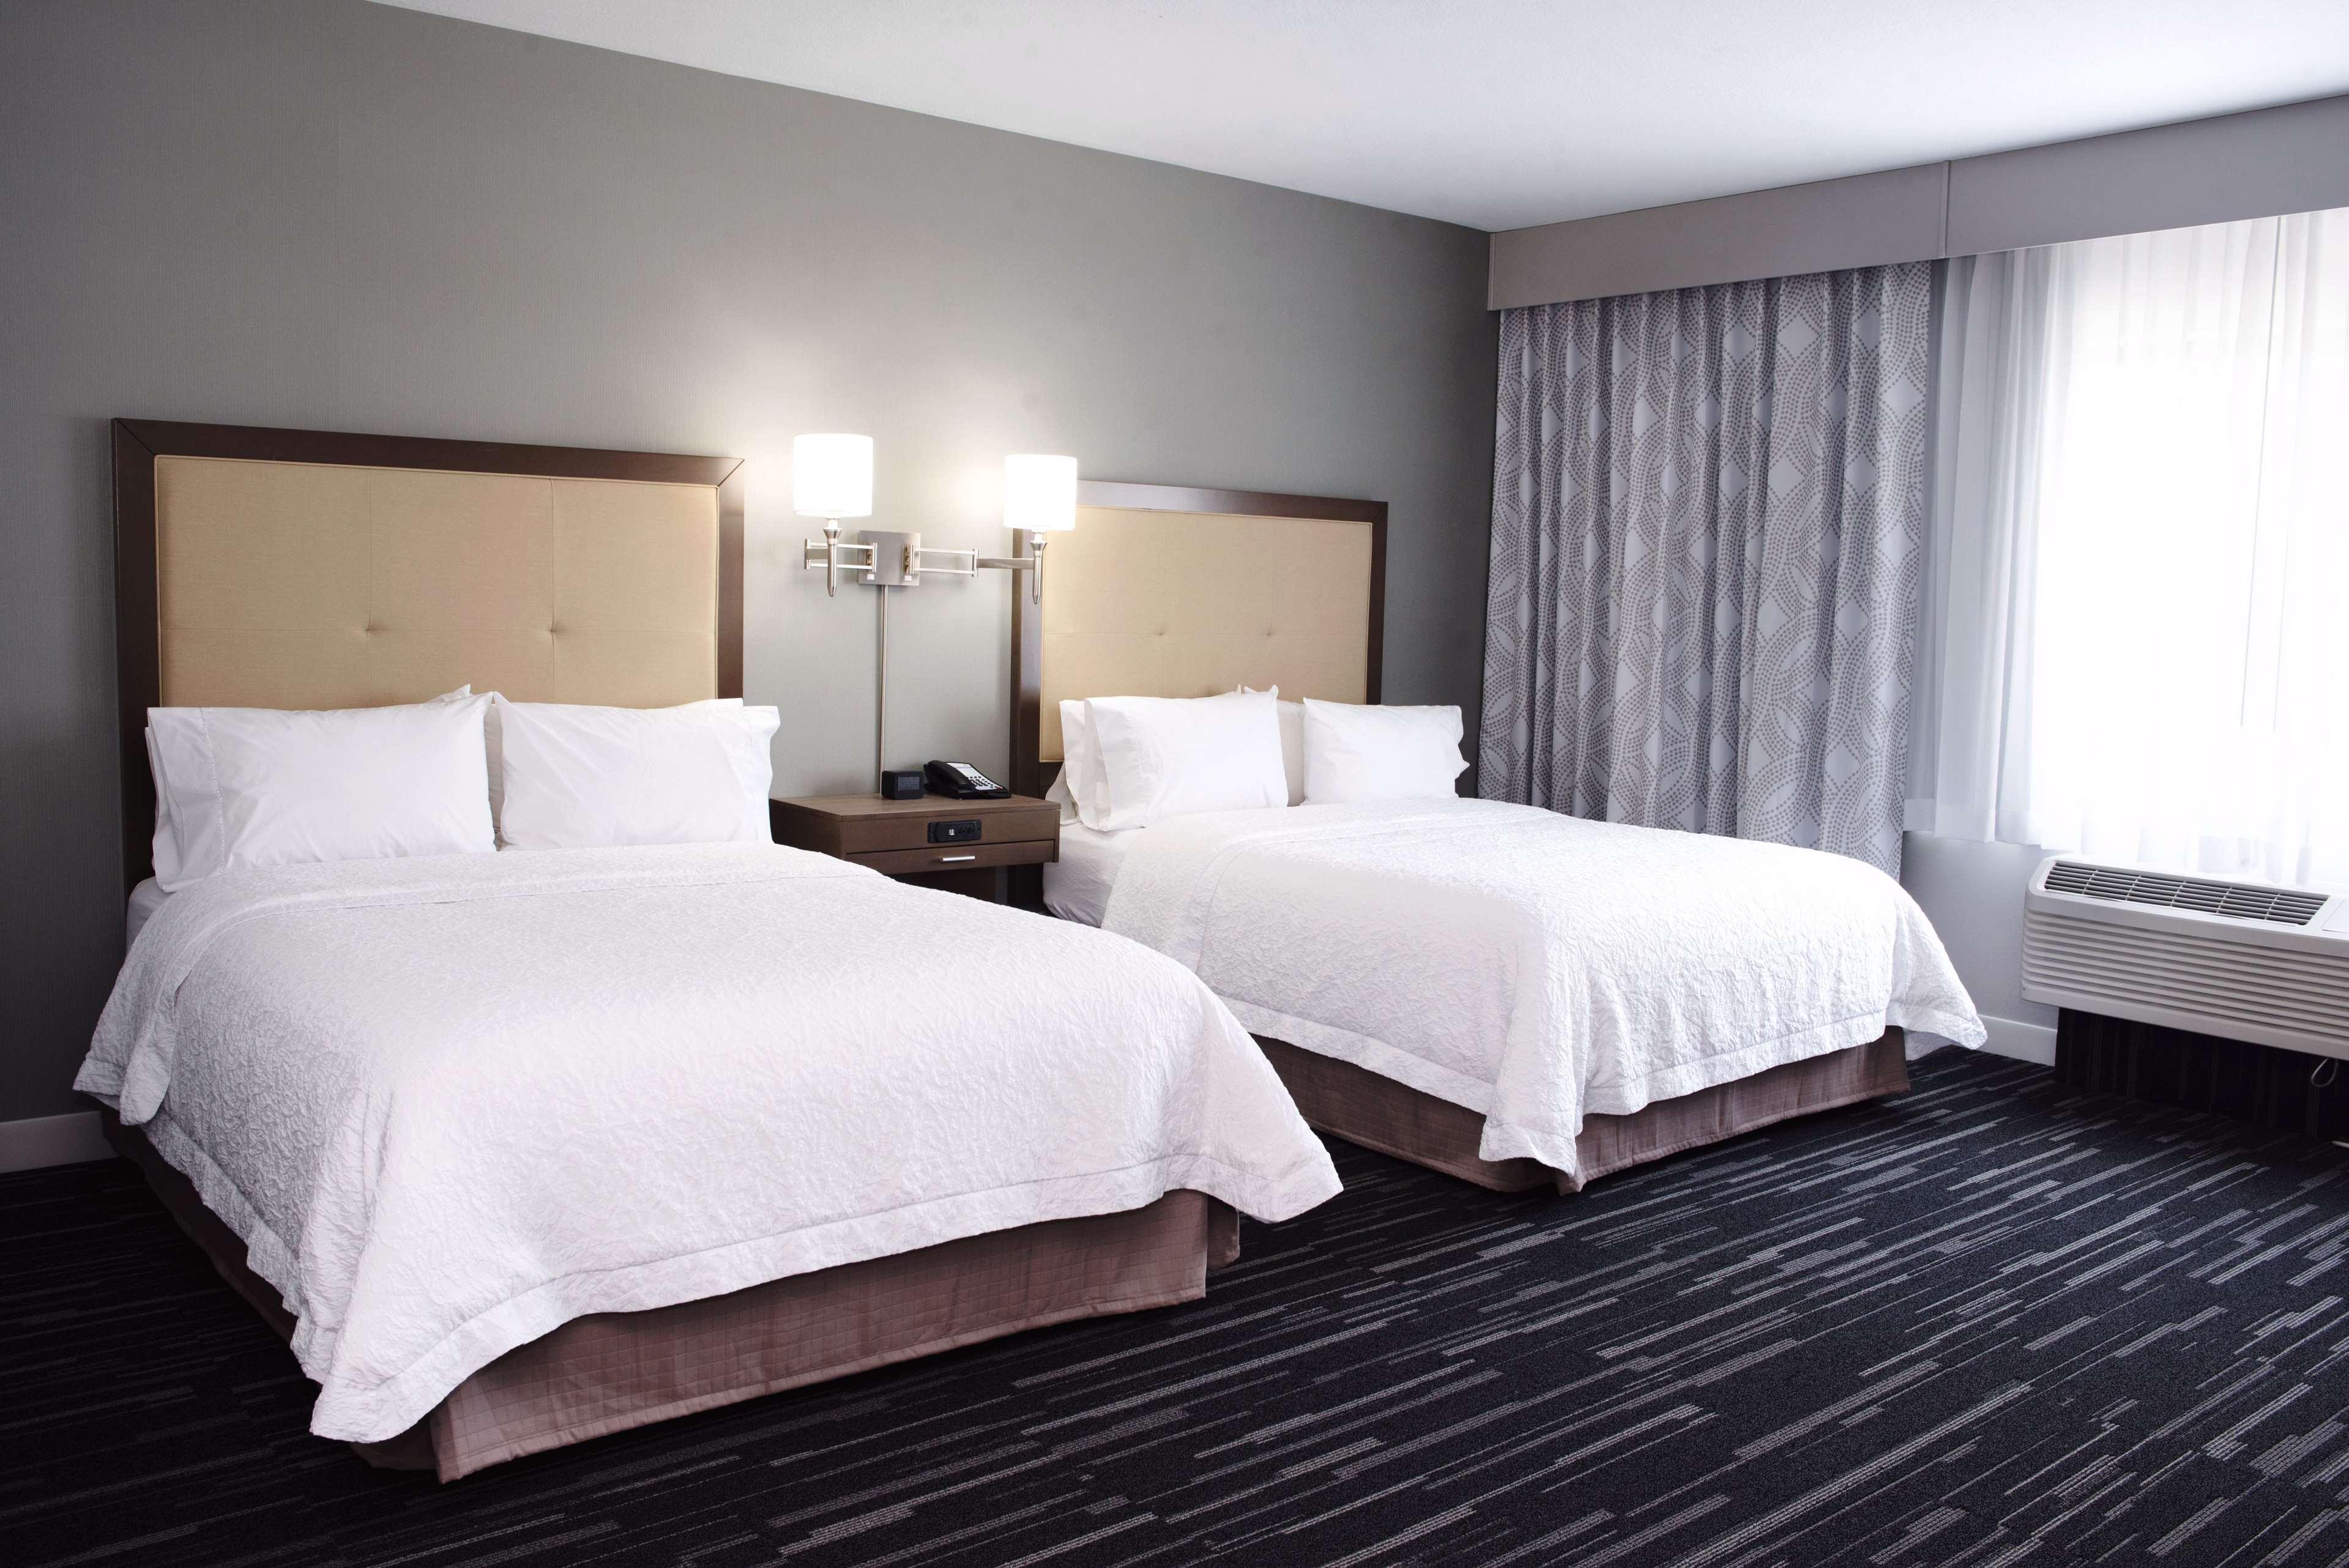 Hampton Inn & Suites Des Moines/Urbandale image 32